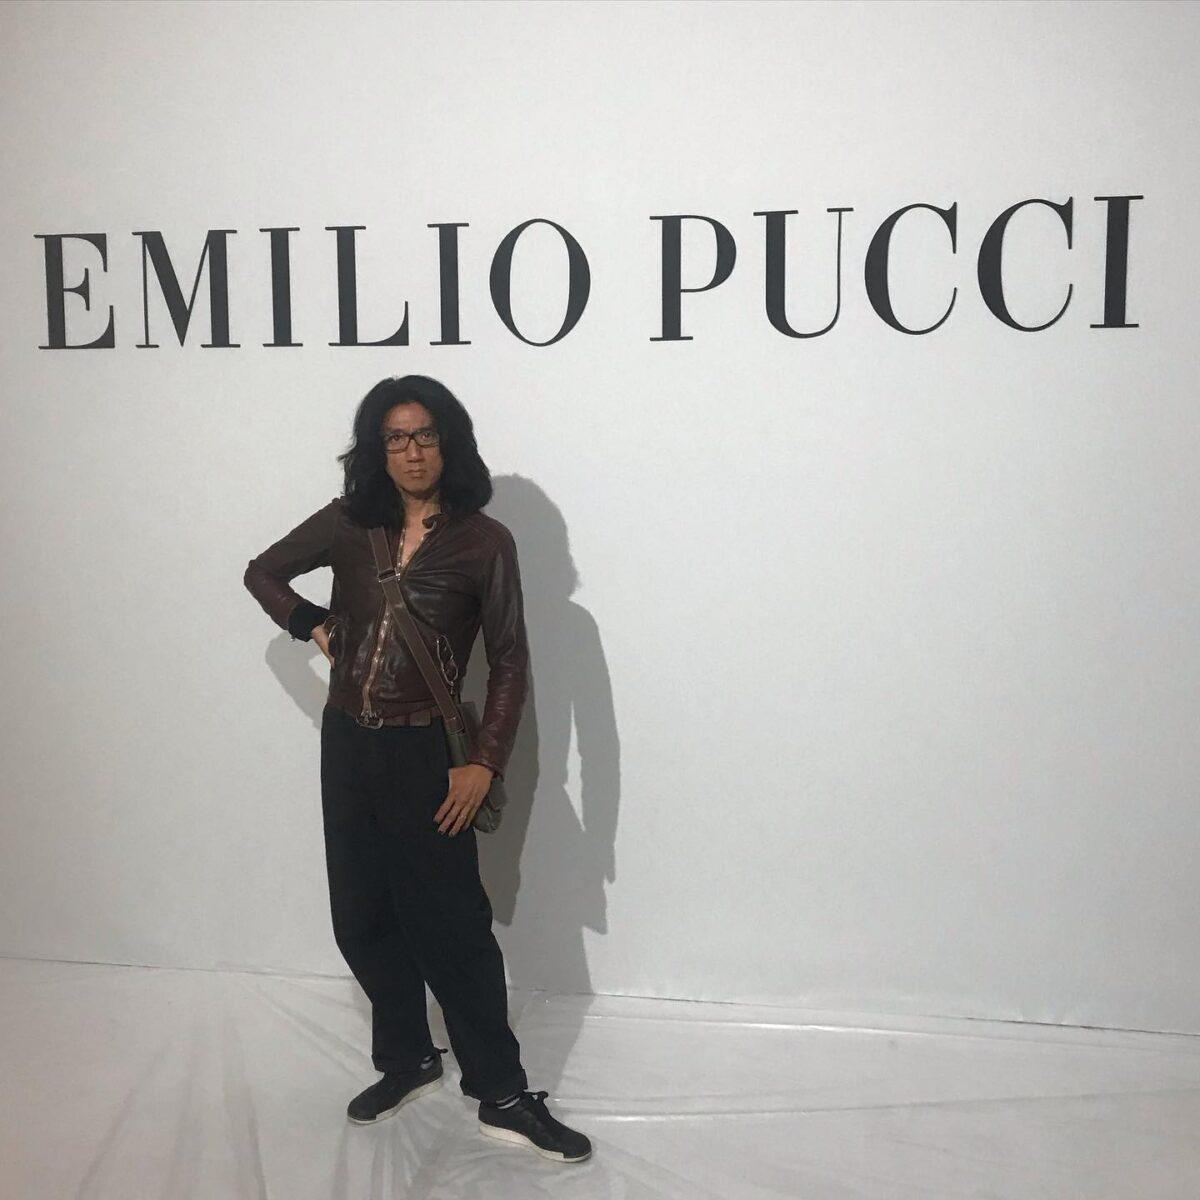 エミリオ プッチ 日本でも人気のこのデザイナー エミリオ プッチ氏(今は死去)はイタリアはフィレンツェ出身の元貴族だ。  2003年頃クリスティアン ラクロワがデザイナーをつとめていた頃が私は1番好きだ。  近年はイタリア人デザイナーになり私は 2019年の春夏コレクションにヘアーで参加した。  プリントの王子の名前を冠したプッチのコレクションは今でも華やかに輝いている。  クインテットは現在スタッフ大募集中です。 来年度新卒さん、また美容師やりたい中途さん、ママさんパートさん大募集中です! お気軽にDMでお問い合わせ可能です。 または、ホームページをご覧下さいね